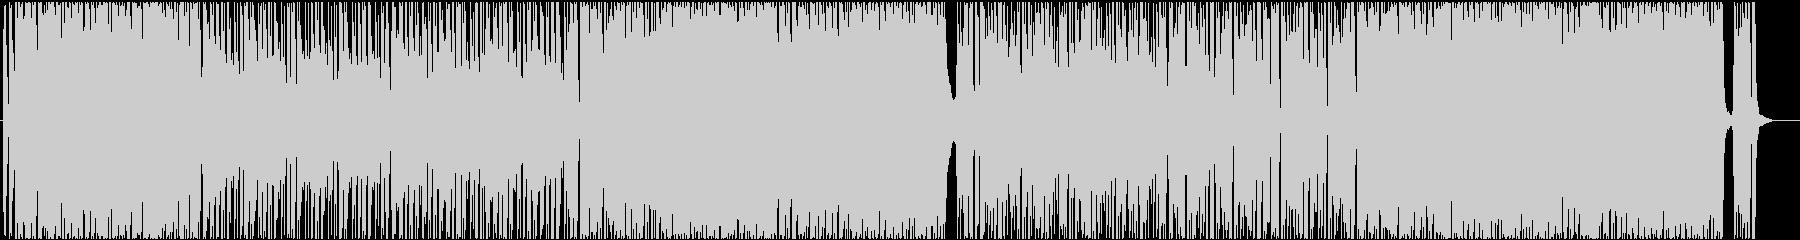 バンドサウンドのかっこいいロックBGMの未再生の波形